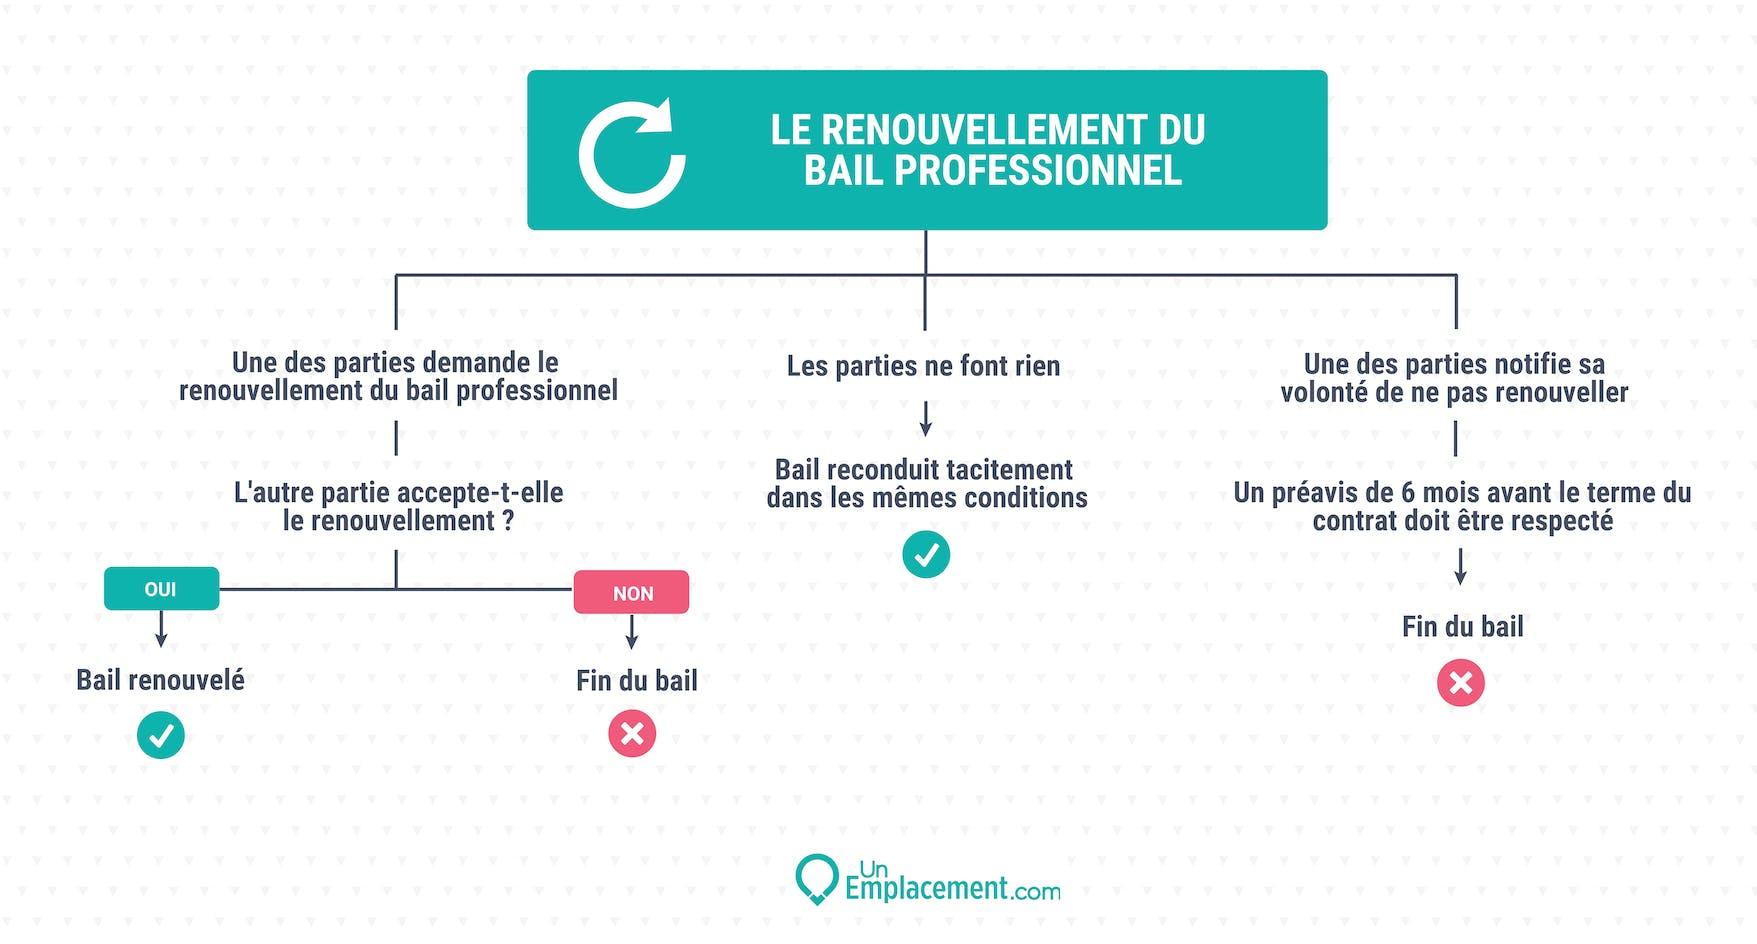 Infographie sur le renouvellement du bail pro